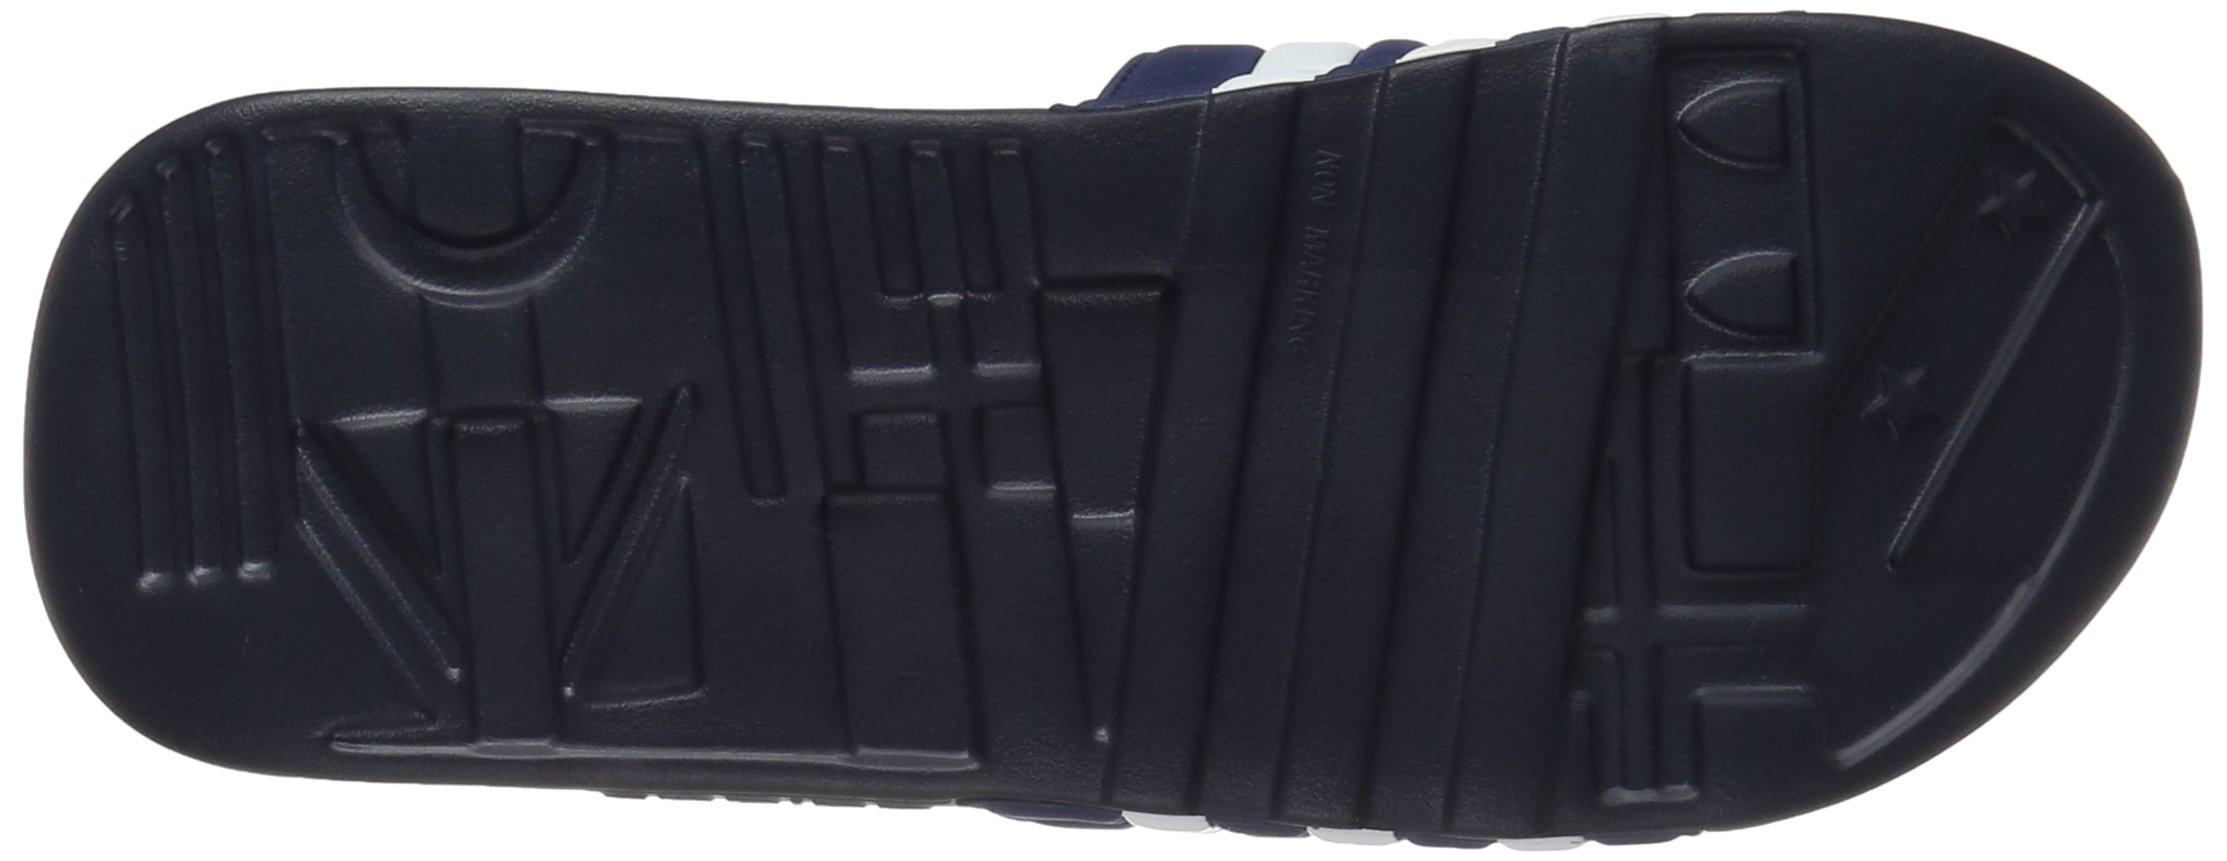 80a80e3e20e5 adidas Originals Men s Adissage Slides